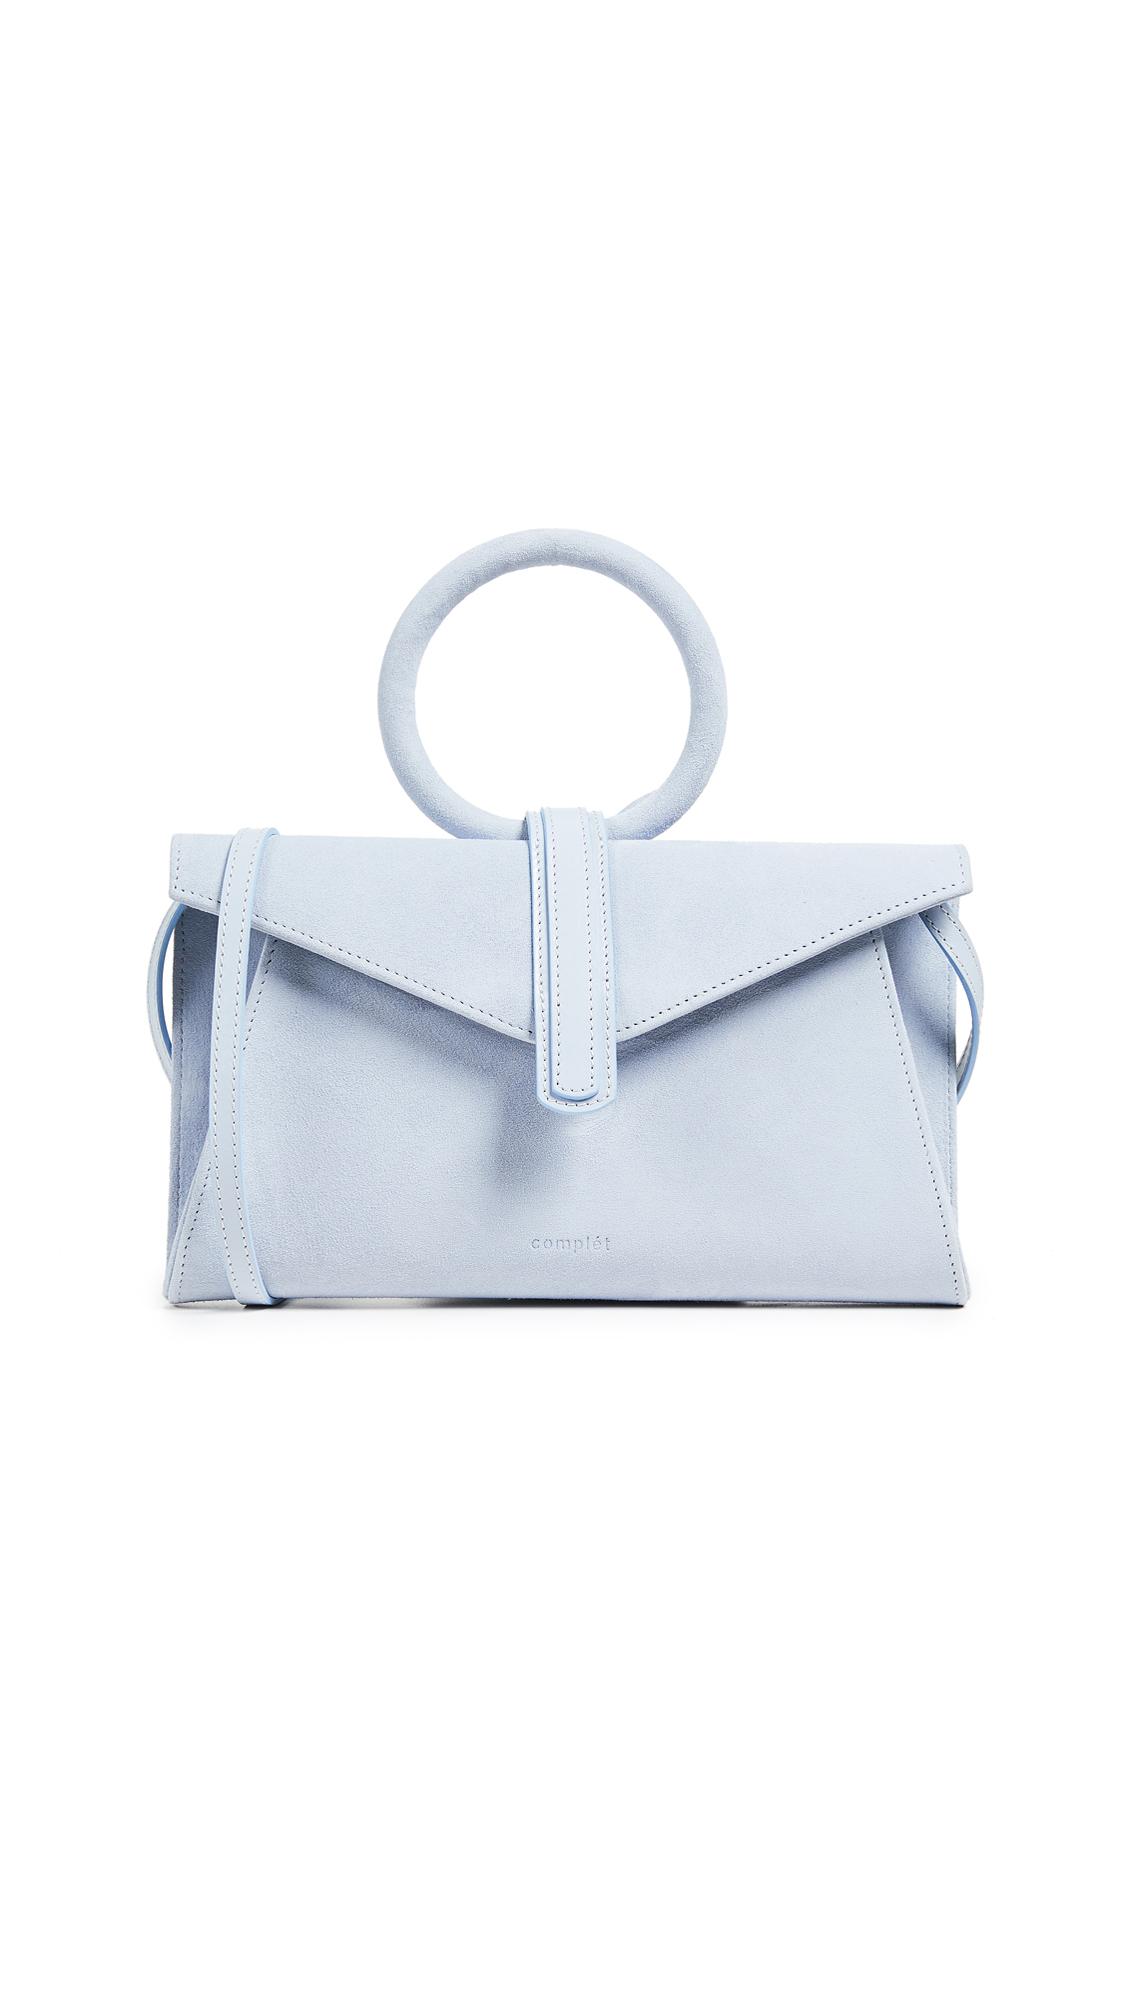 COMPLET Valery mini suede satchel